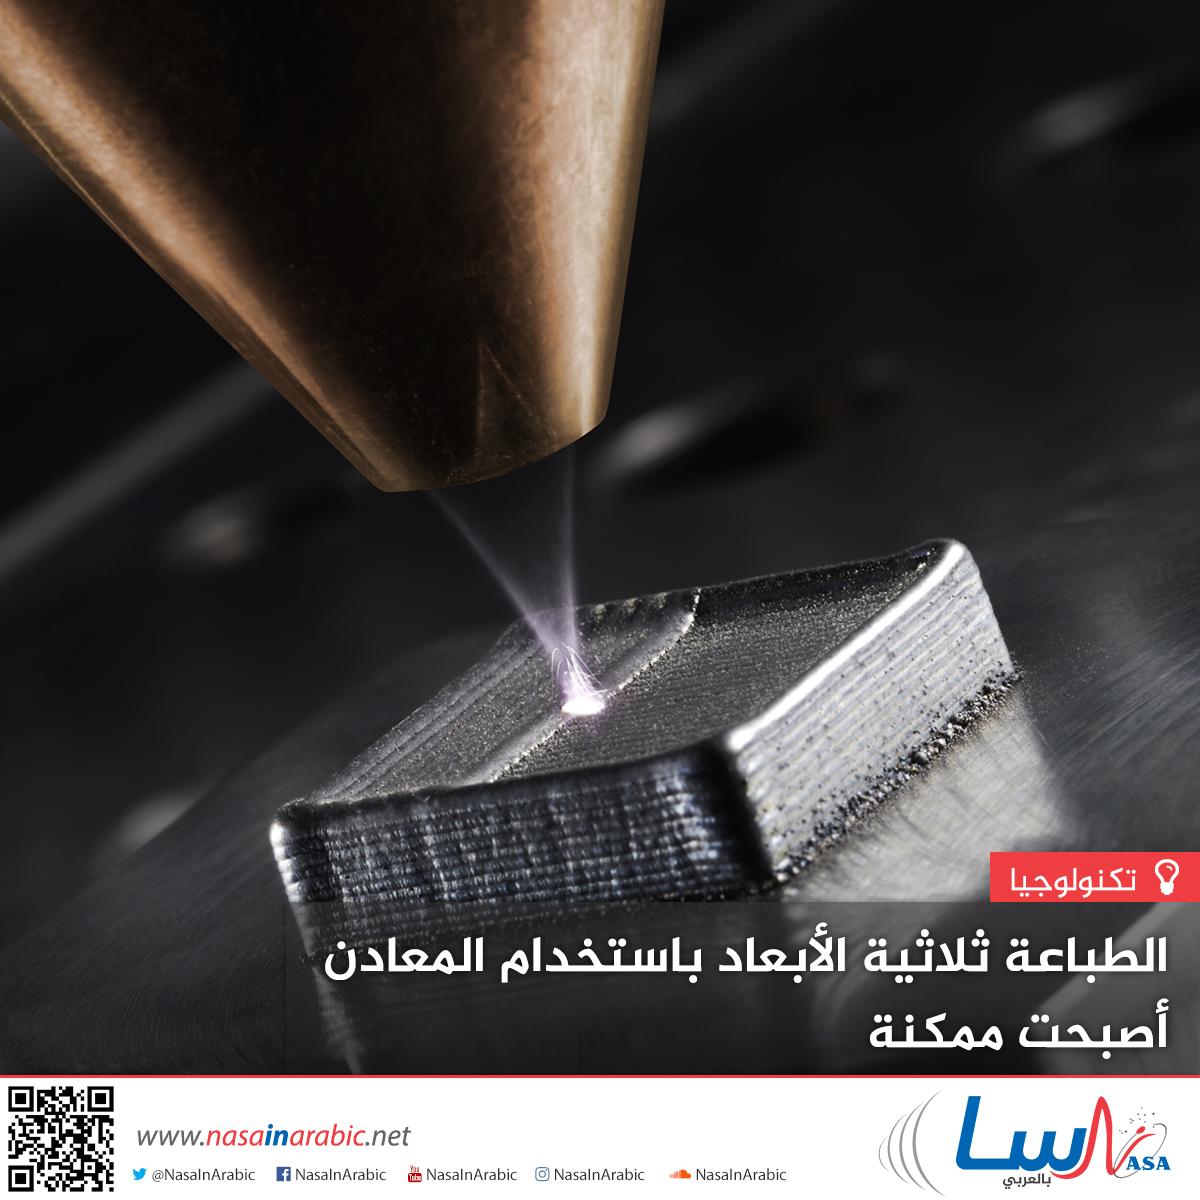 الطباعة ثلاثية الأبعاد باستخدام المعادن! خطوة جديدة للأمام